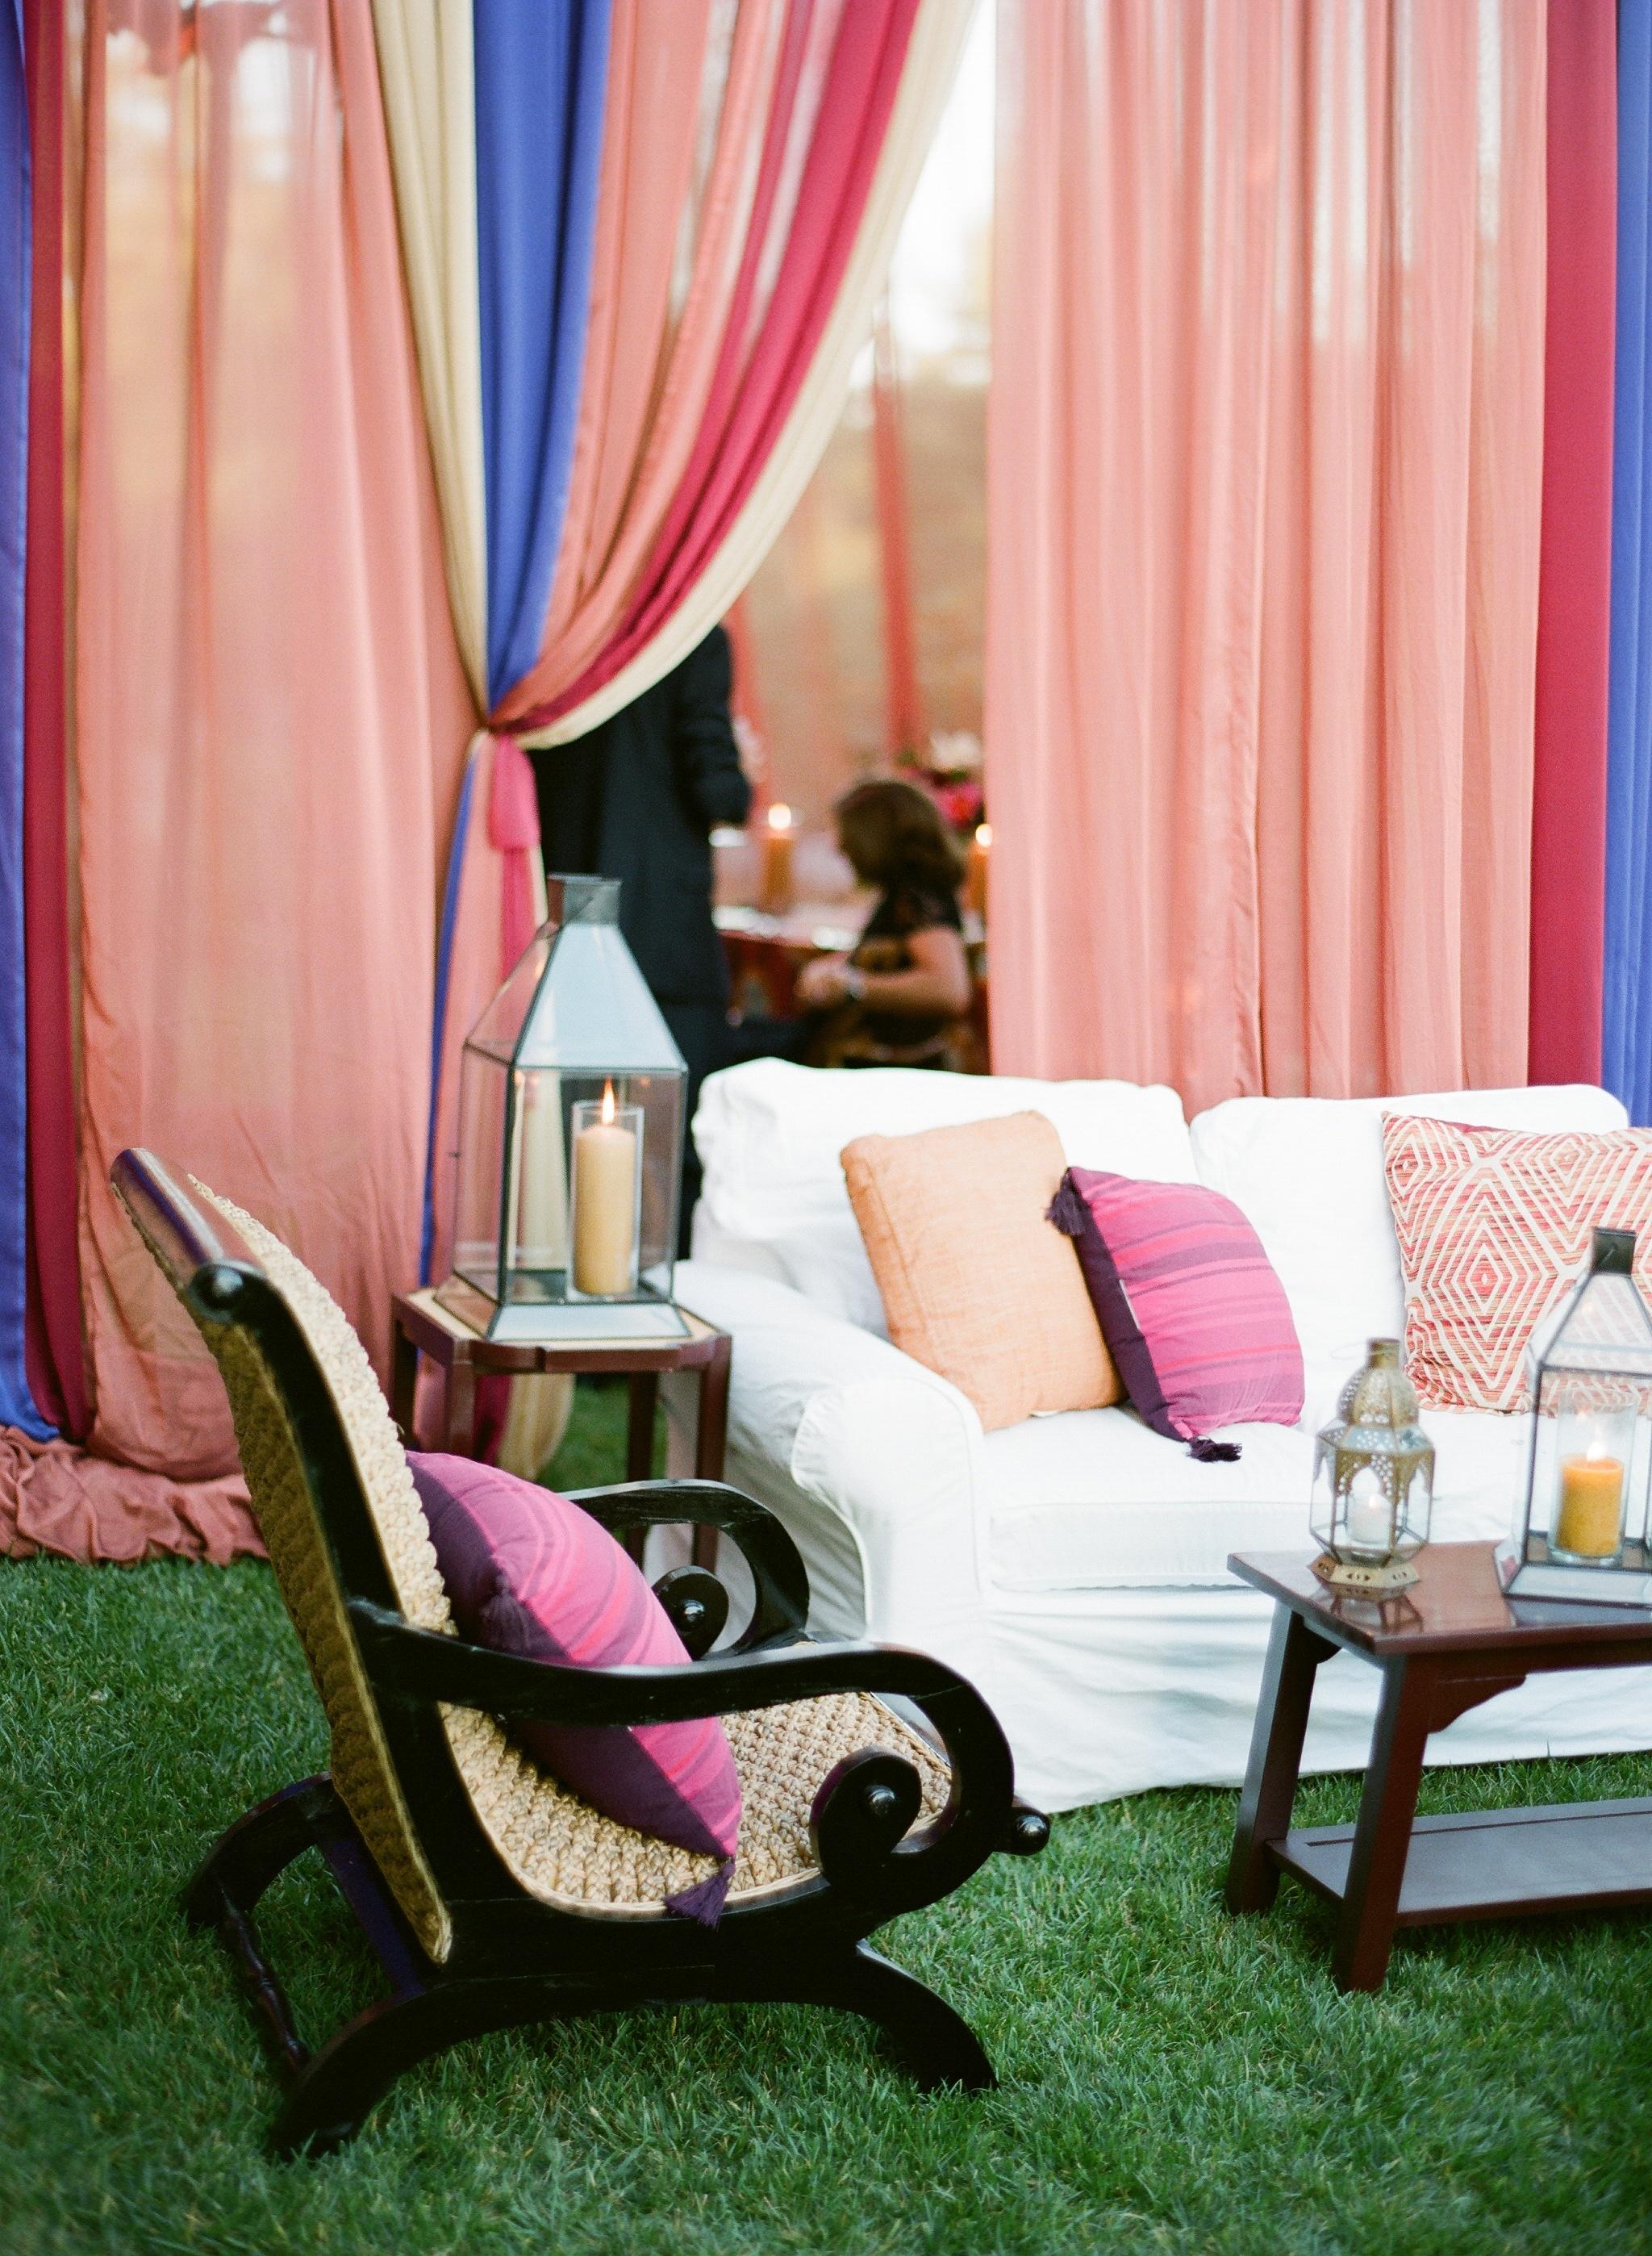 santabarbarawedding.com | Belmond El Encanto | Magnolia Event Design | Jose Villa | Wedding Reception